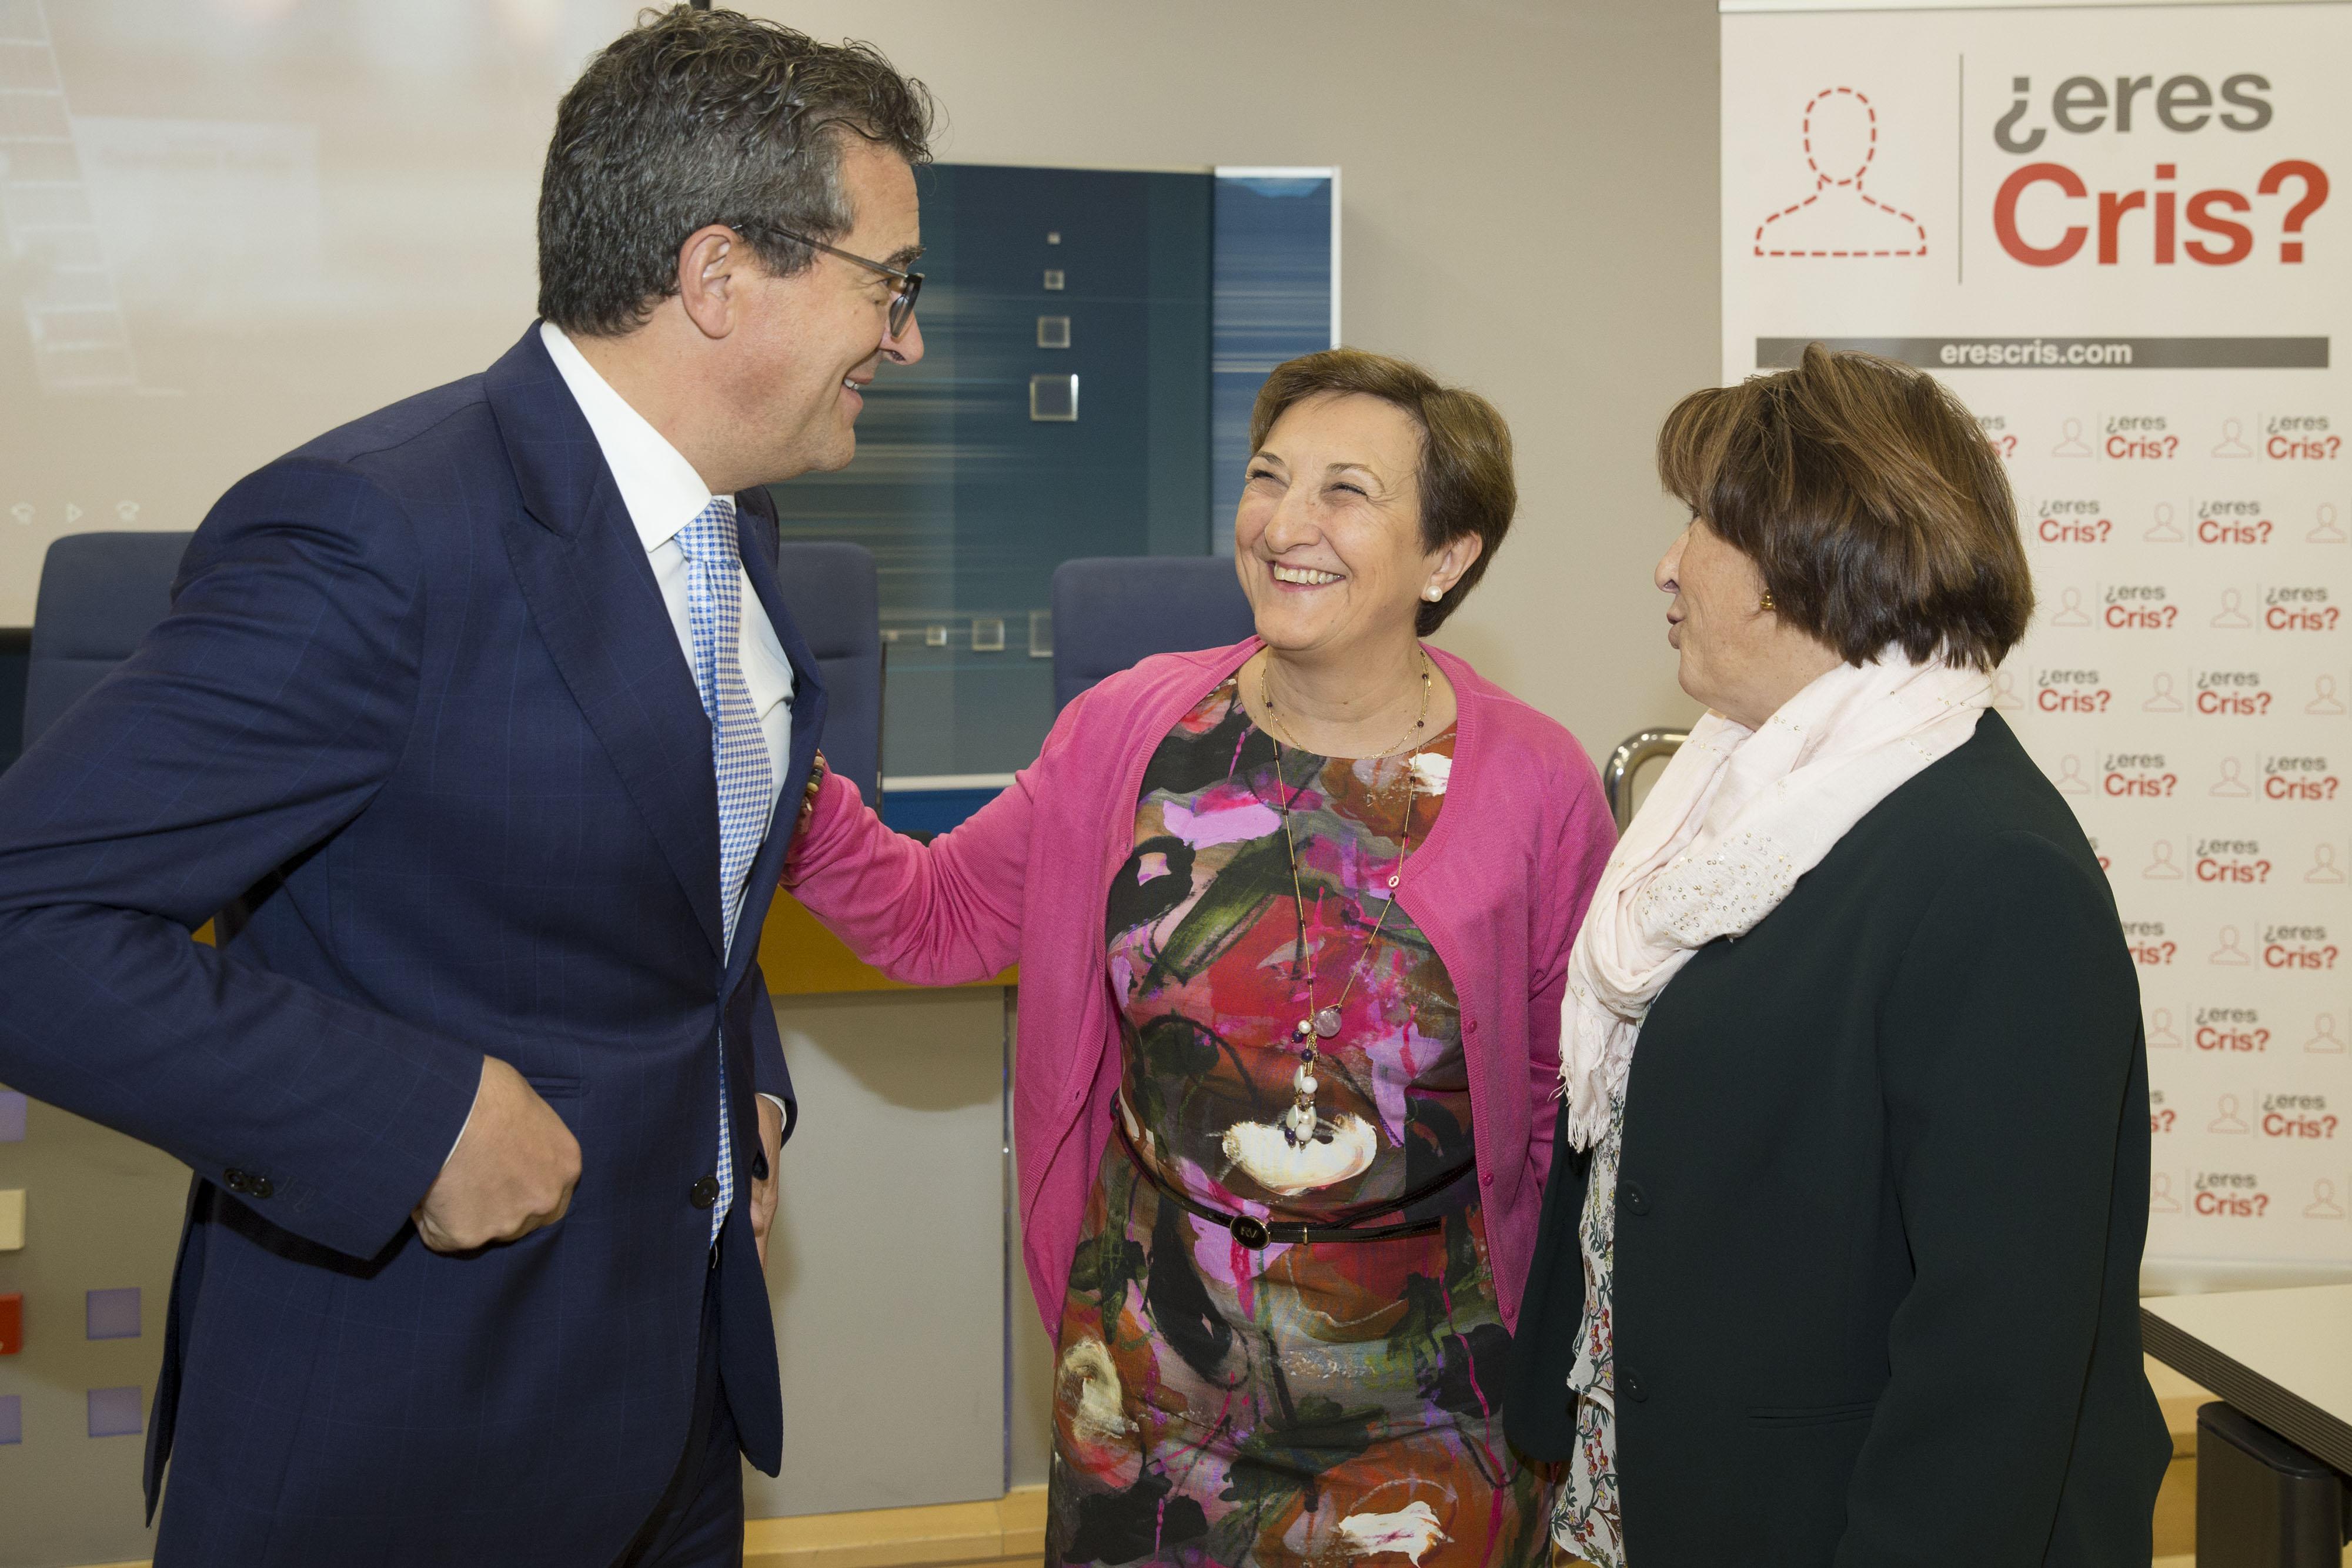 NOTA DE PRENSA/CANTABRIA: Una campaña de concienciación en hepatitis C invita a los ciudadanos a hacerse el test diagnóstico como primer paso hacia la curación